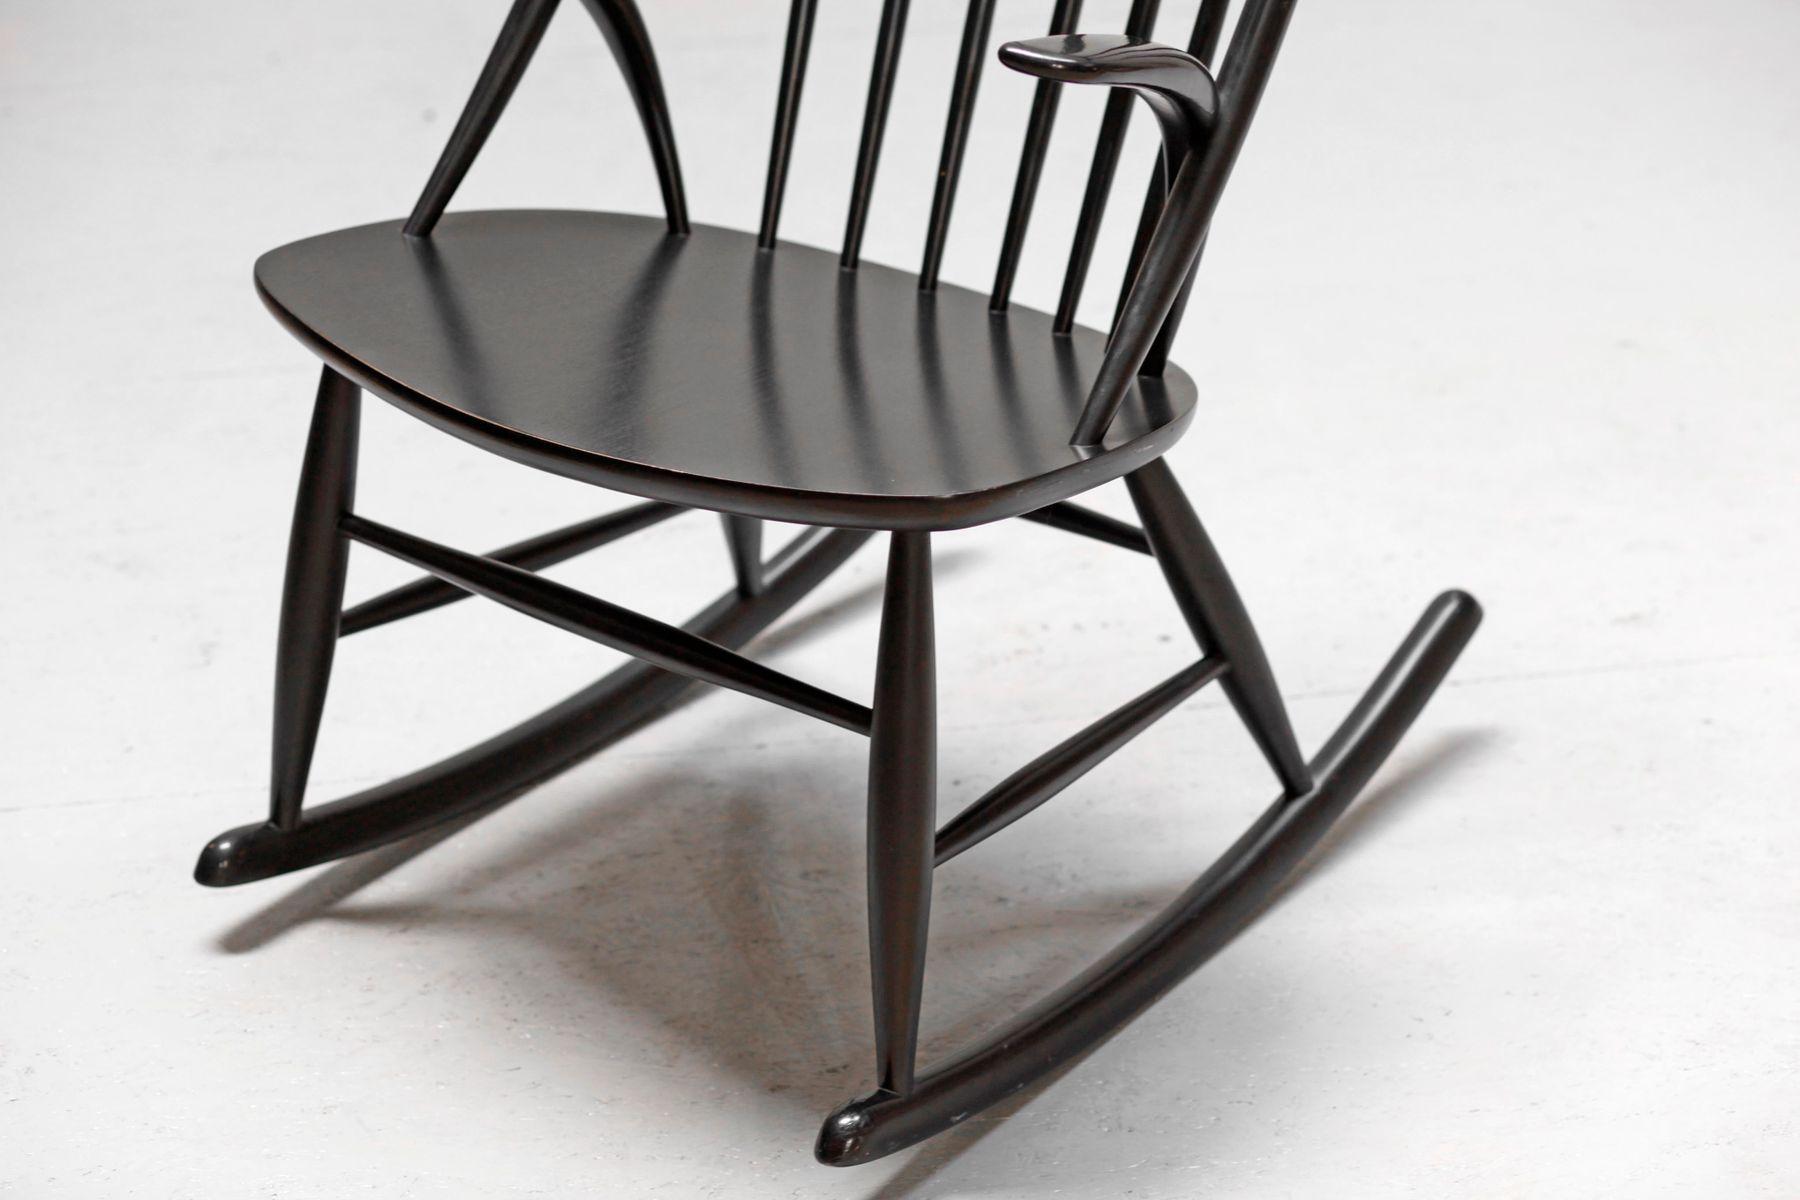 d nischer moderner number 3 schaukelstuhl von illum. Black Bedroom Furniture Sets. Home Design Ideas